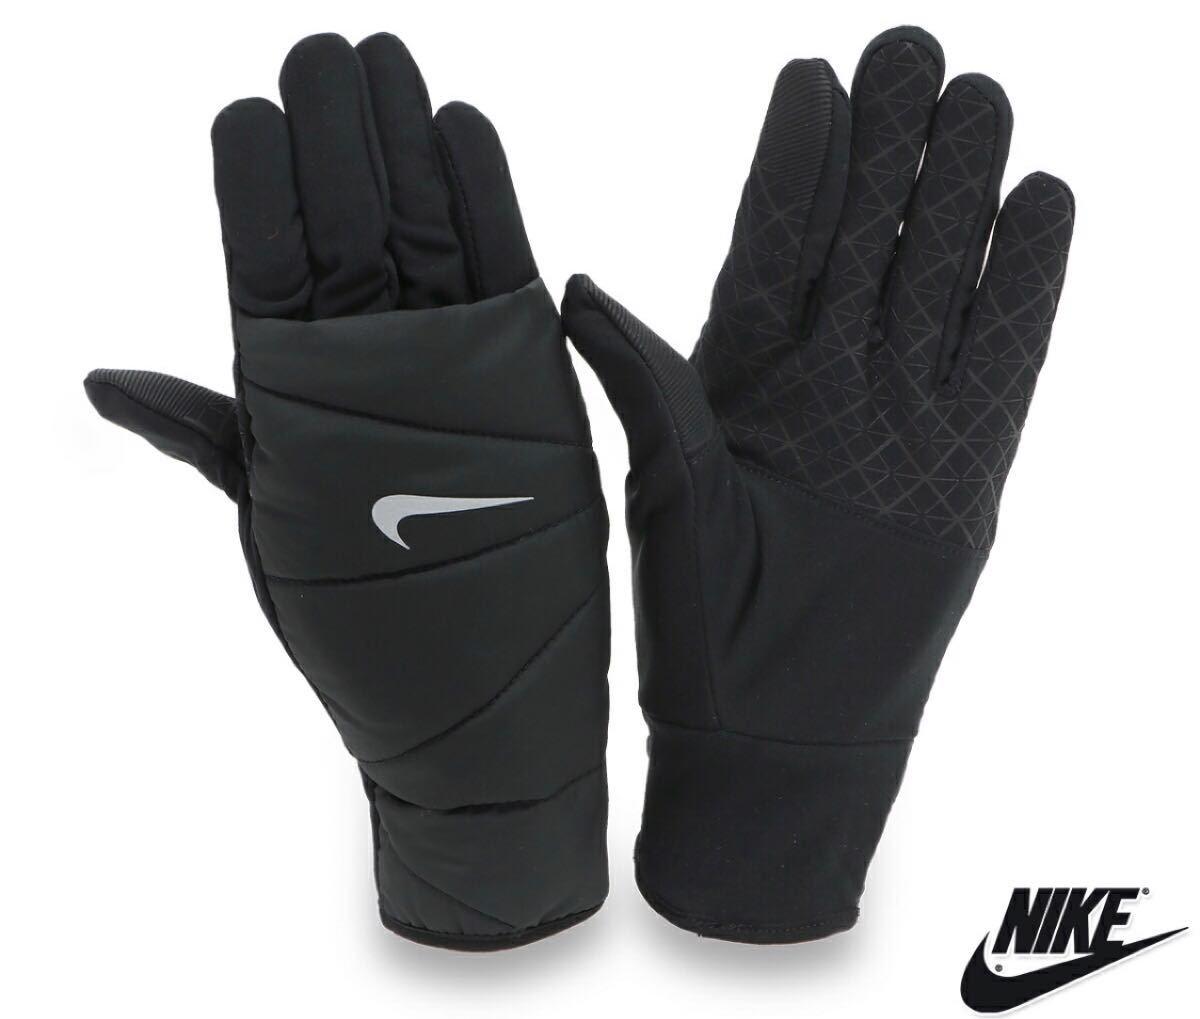 NIKE ナイキ ランニンググローブ 手袋 タッチパネル対応 ラングローブ S